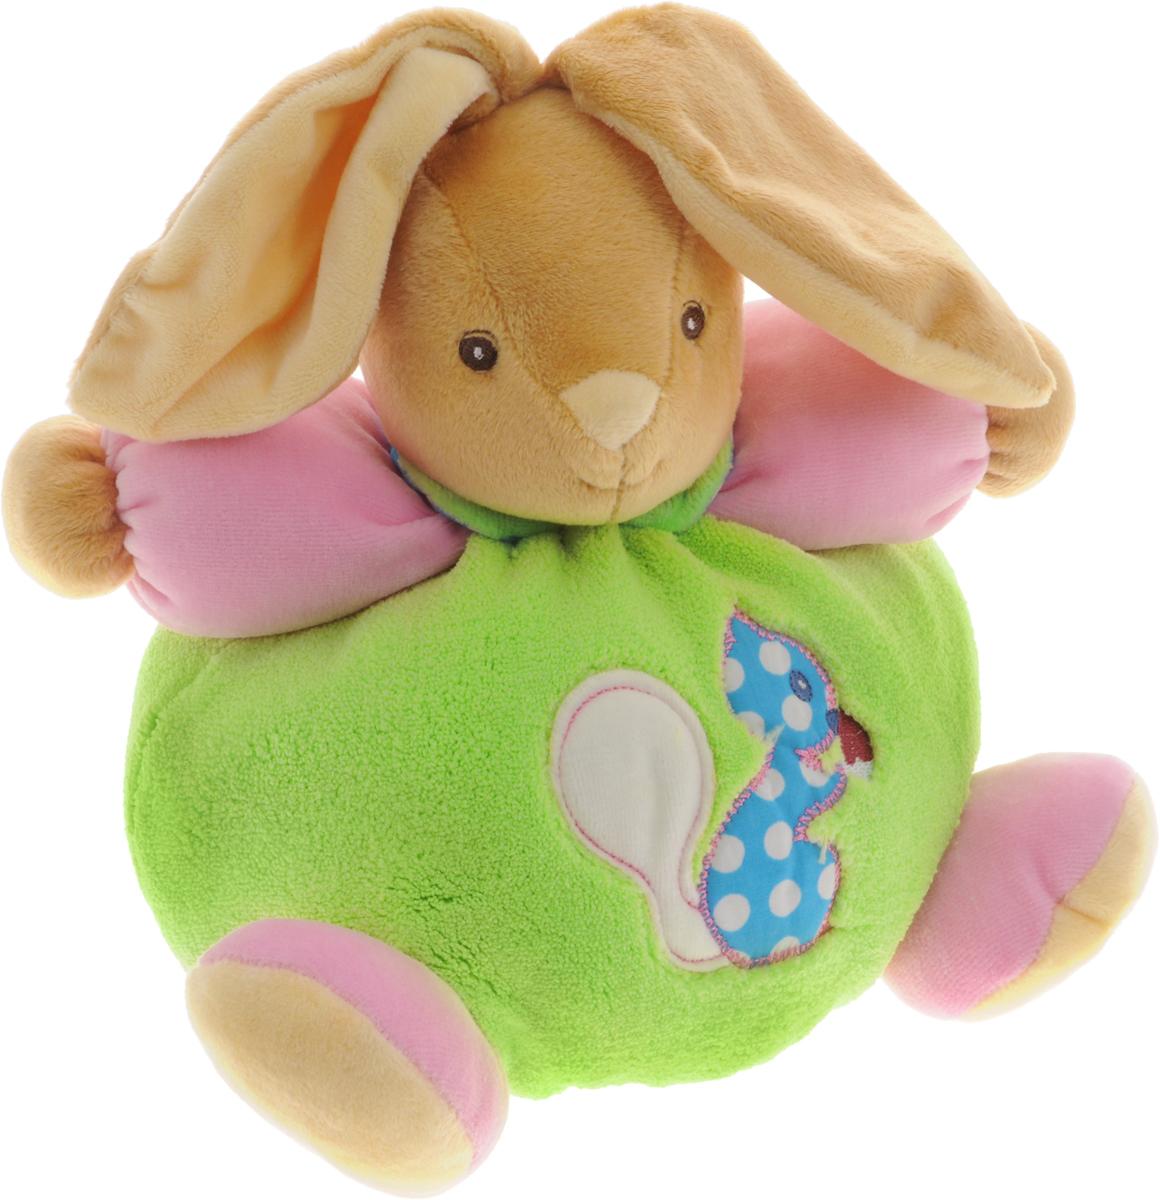 Kaloo Мягкая игрушка Заяц Белка 22 см kaloo мягкая игрушка заяц большой песочный коллекция руж kaloo